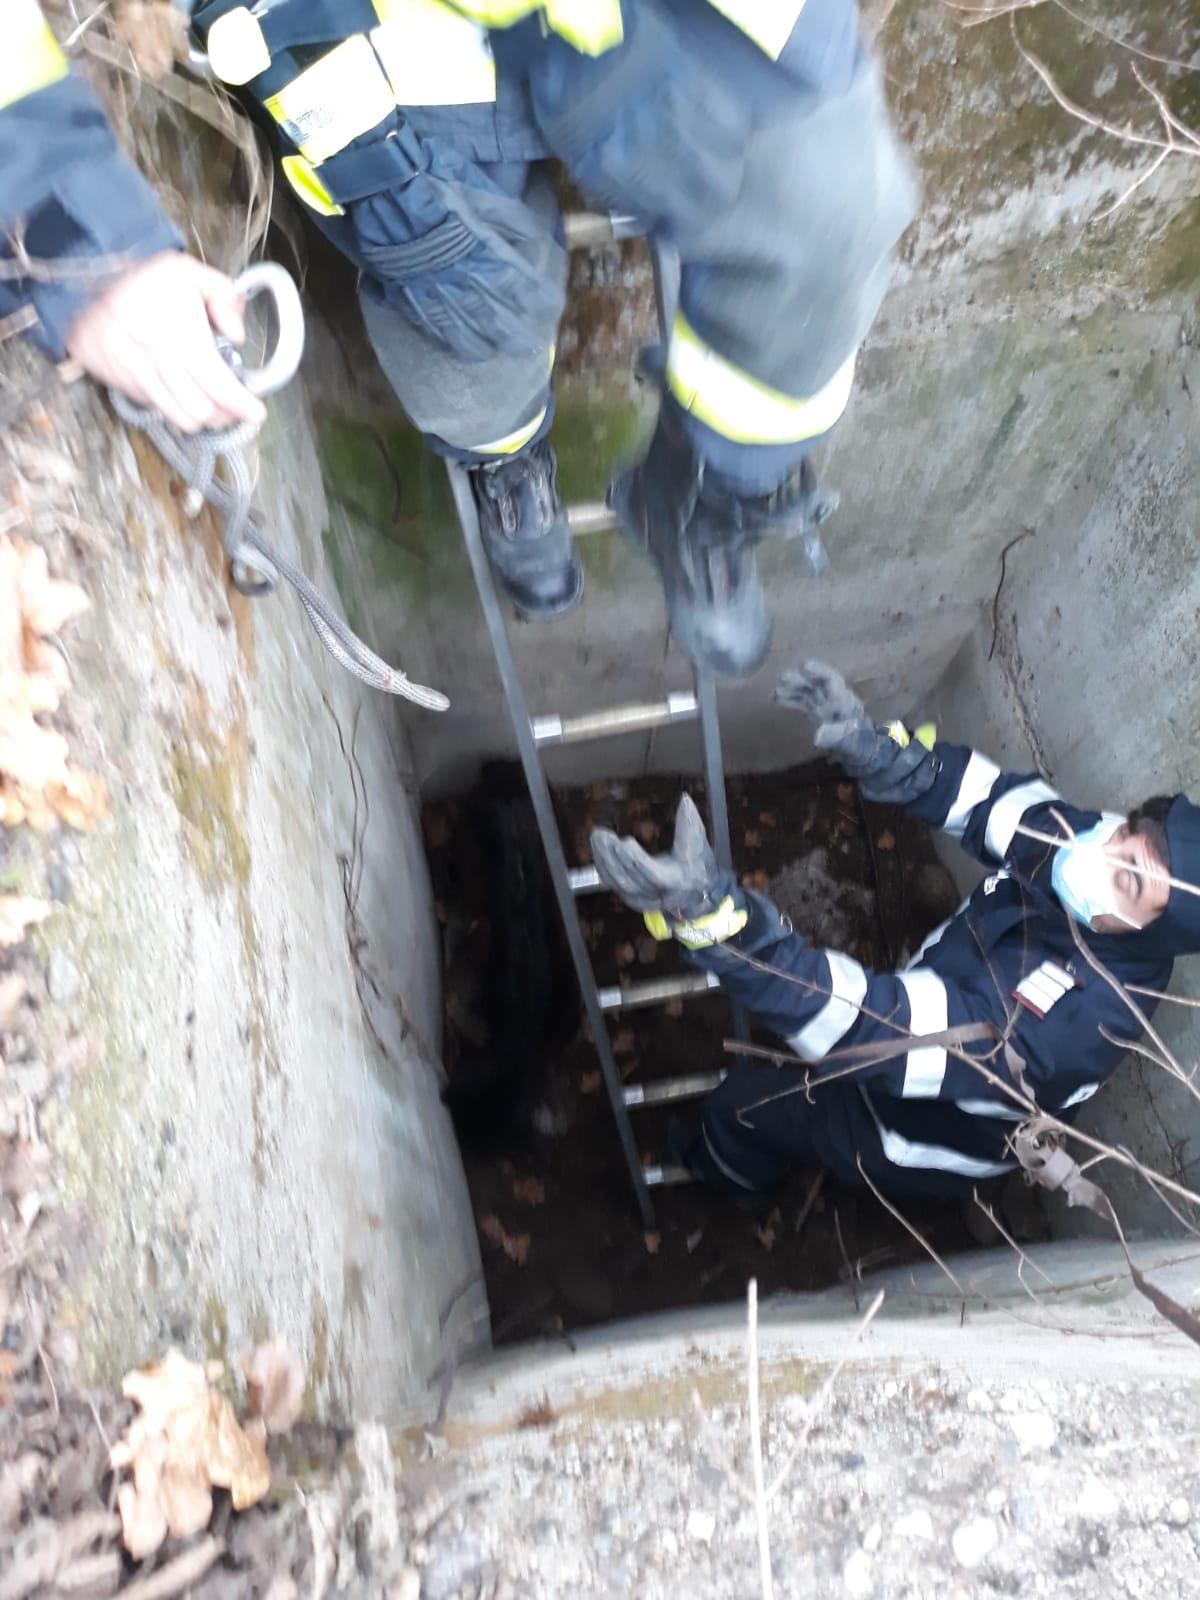 Vâlcea: Ied căzut într-un bazin din beton, salvat de pompieri -GDS